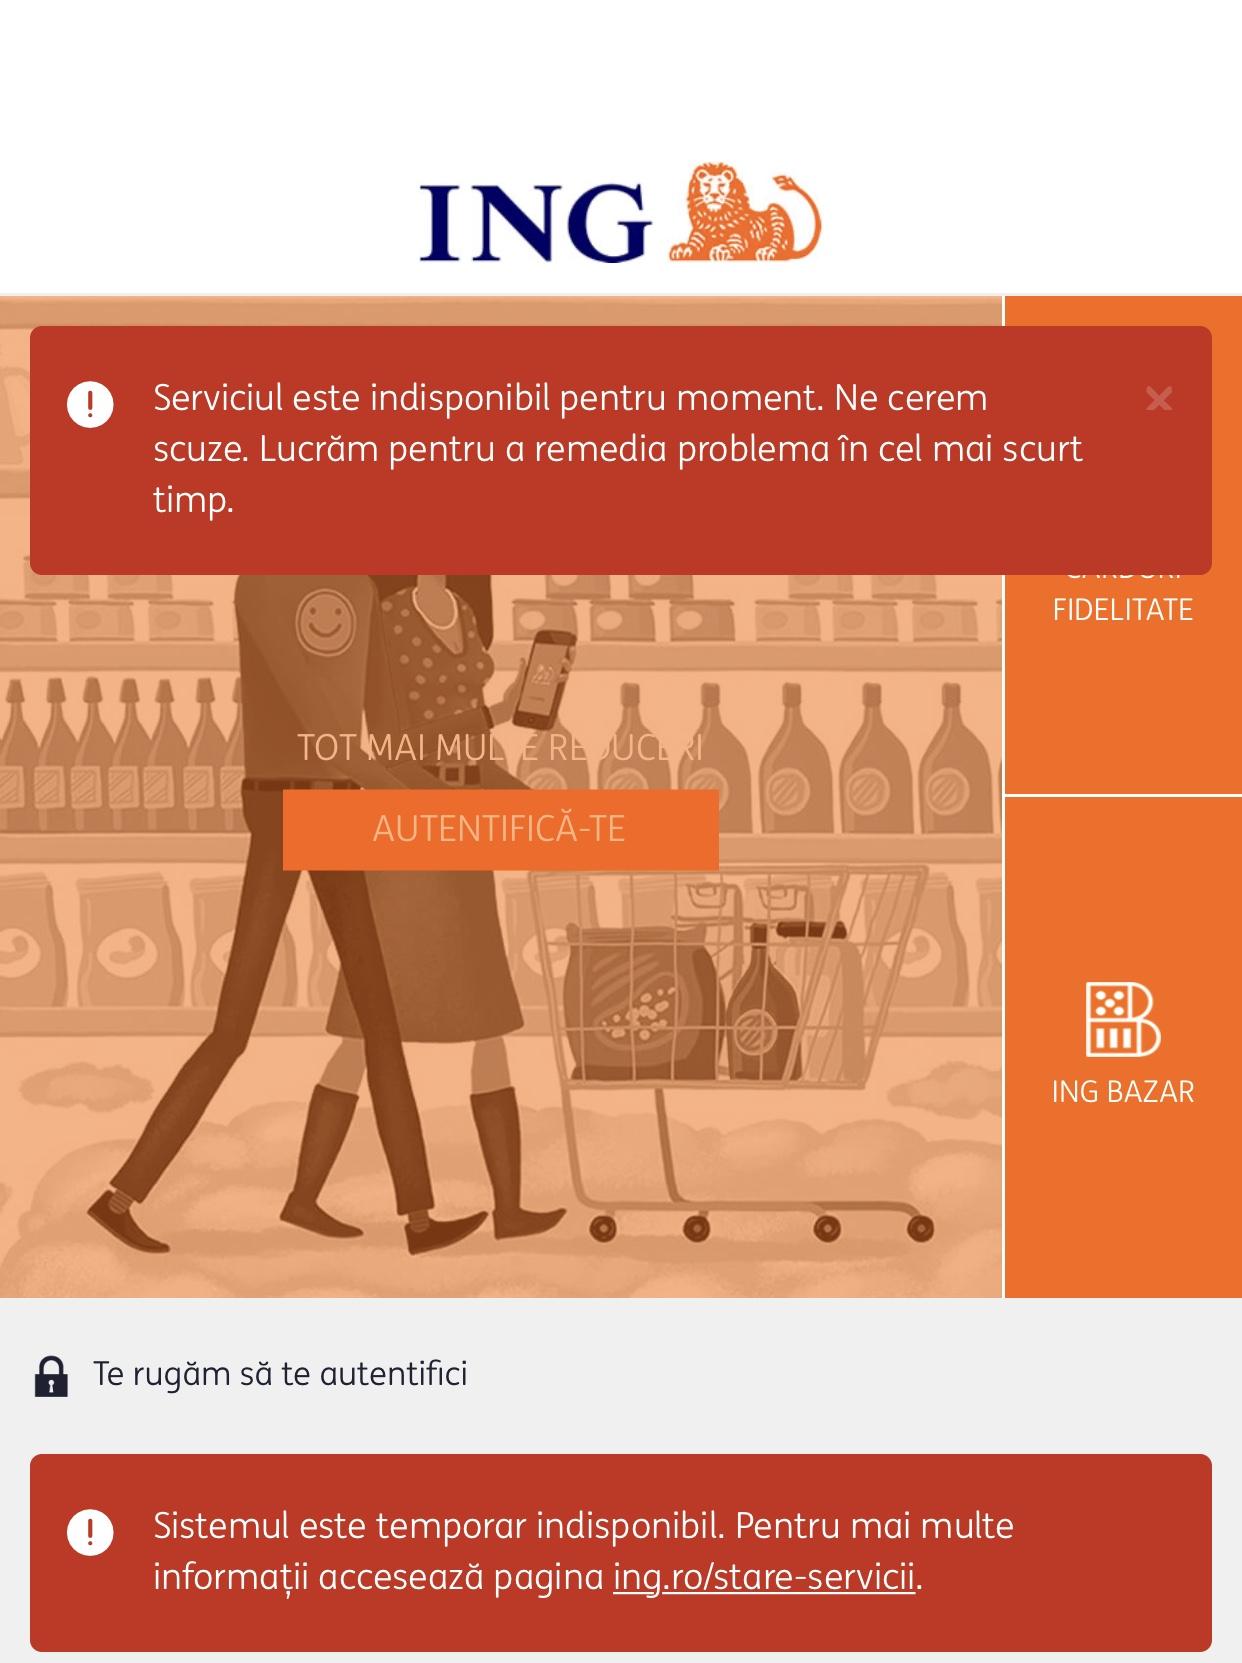 ING Bank probleme homebank